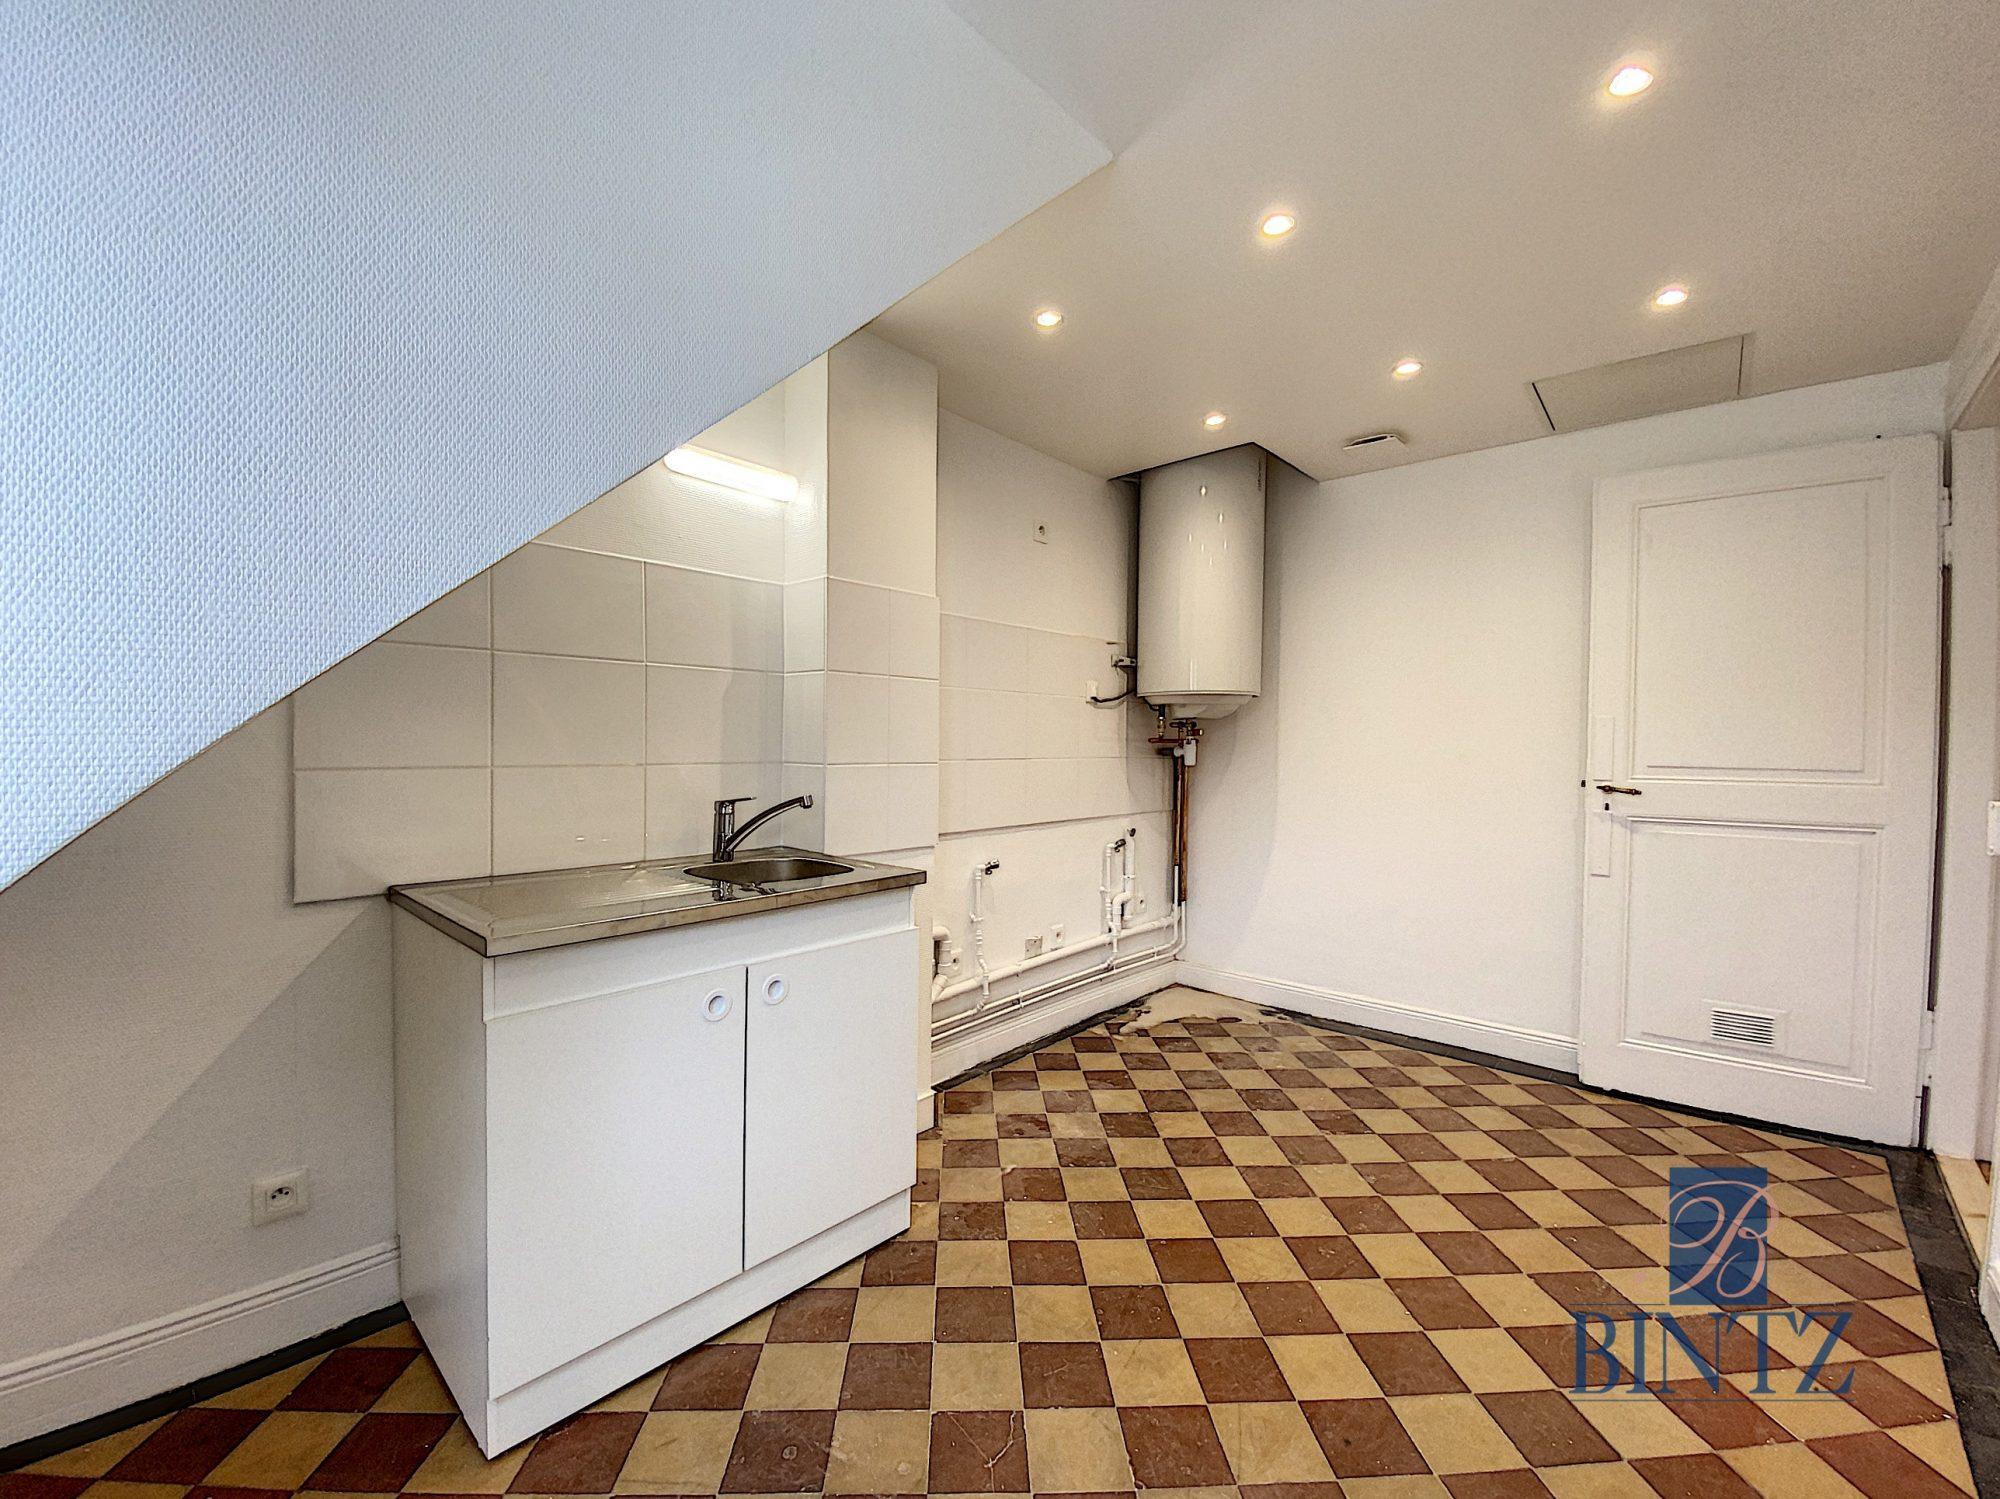 T3 BD LEBLOIS 5EME - Devenez locataire en toute sérénité - Bintz Immobilier - 16